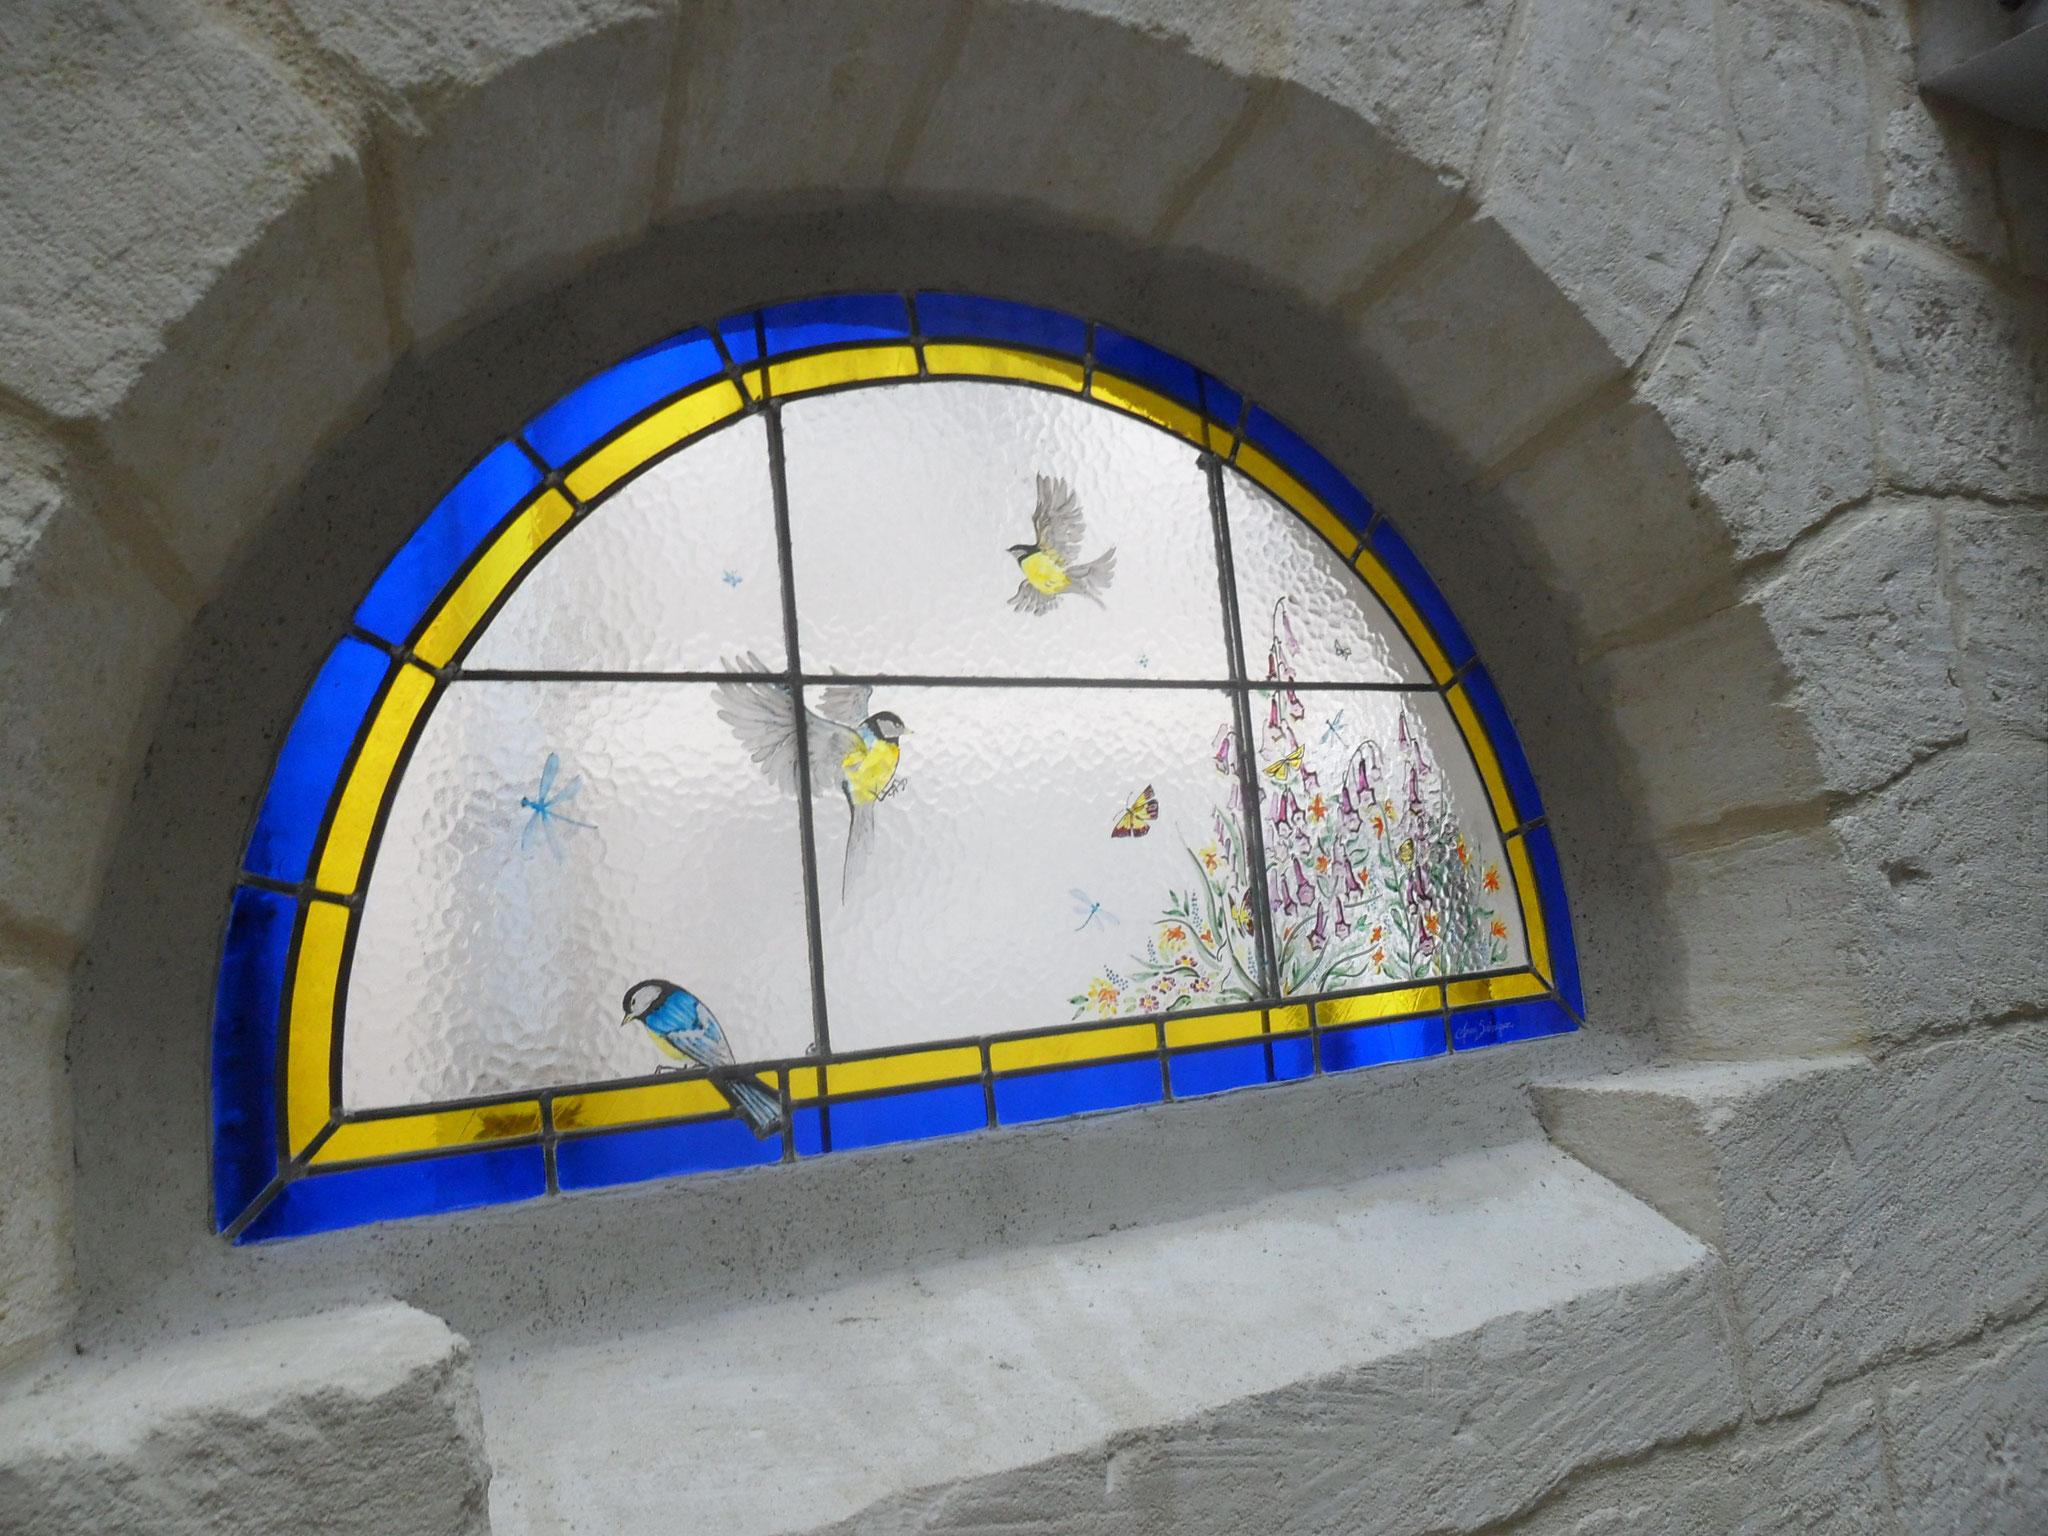 Vitrail aux oiseaux dans une cage d'escalier; Montpellier- création A.Salvagnac